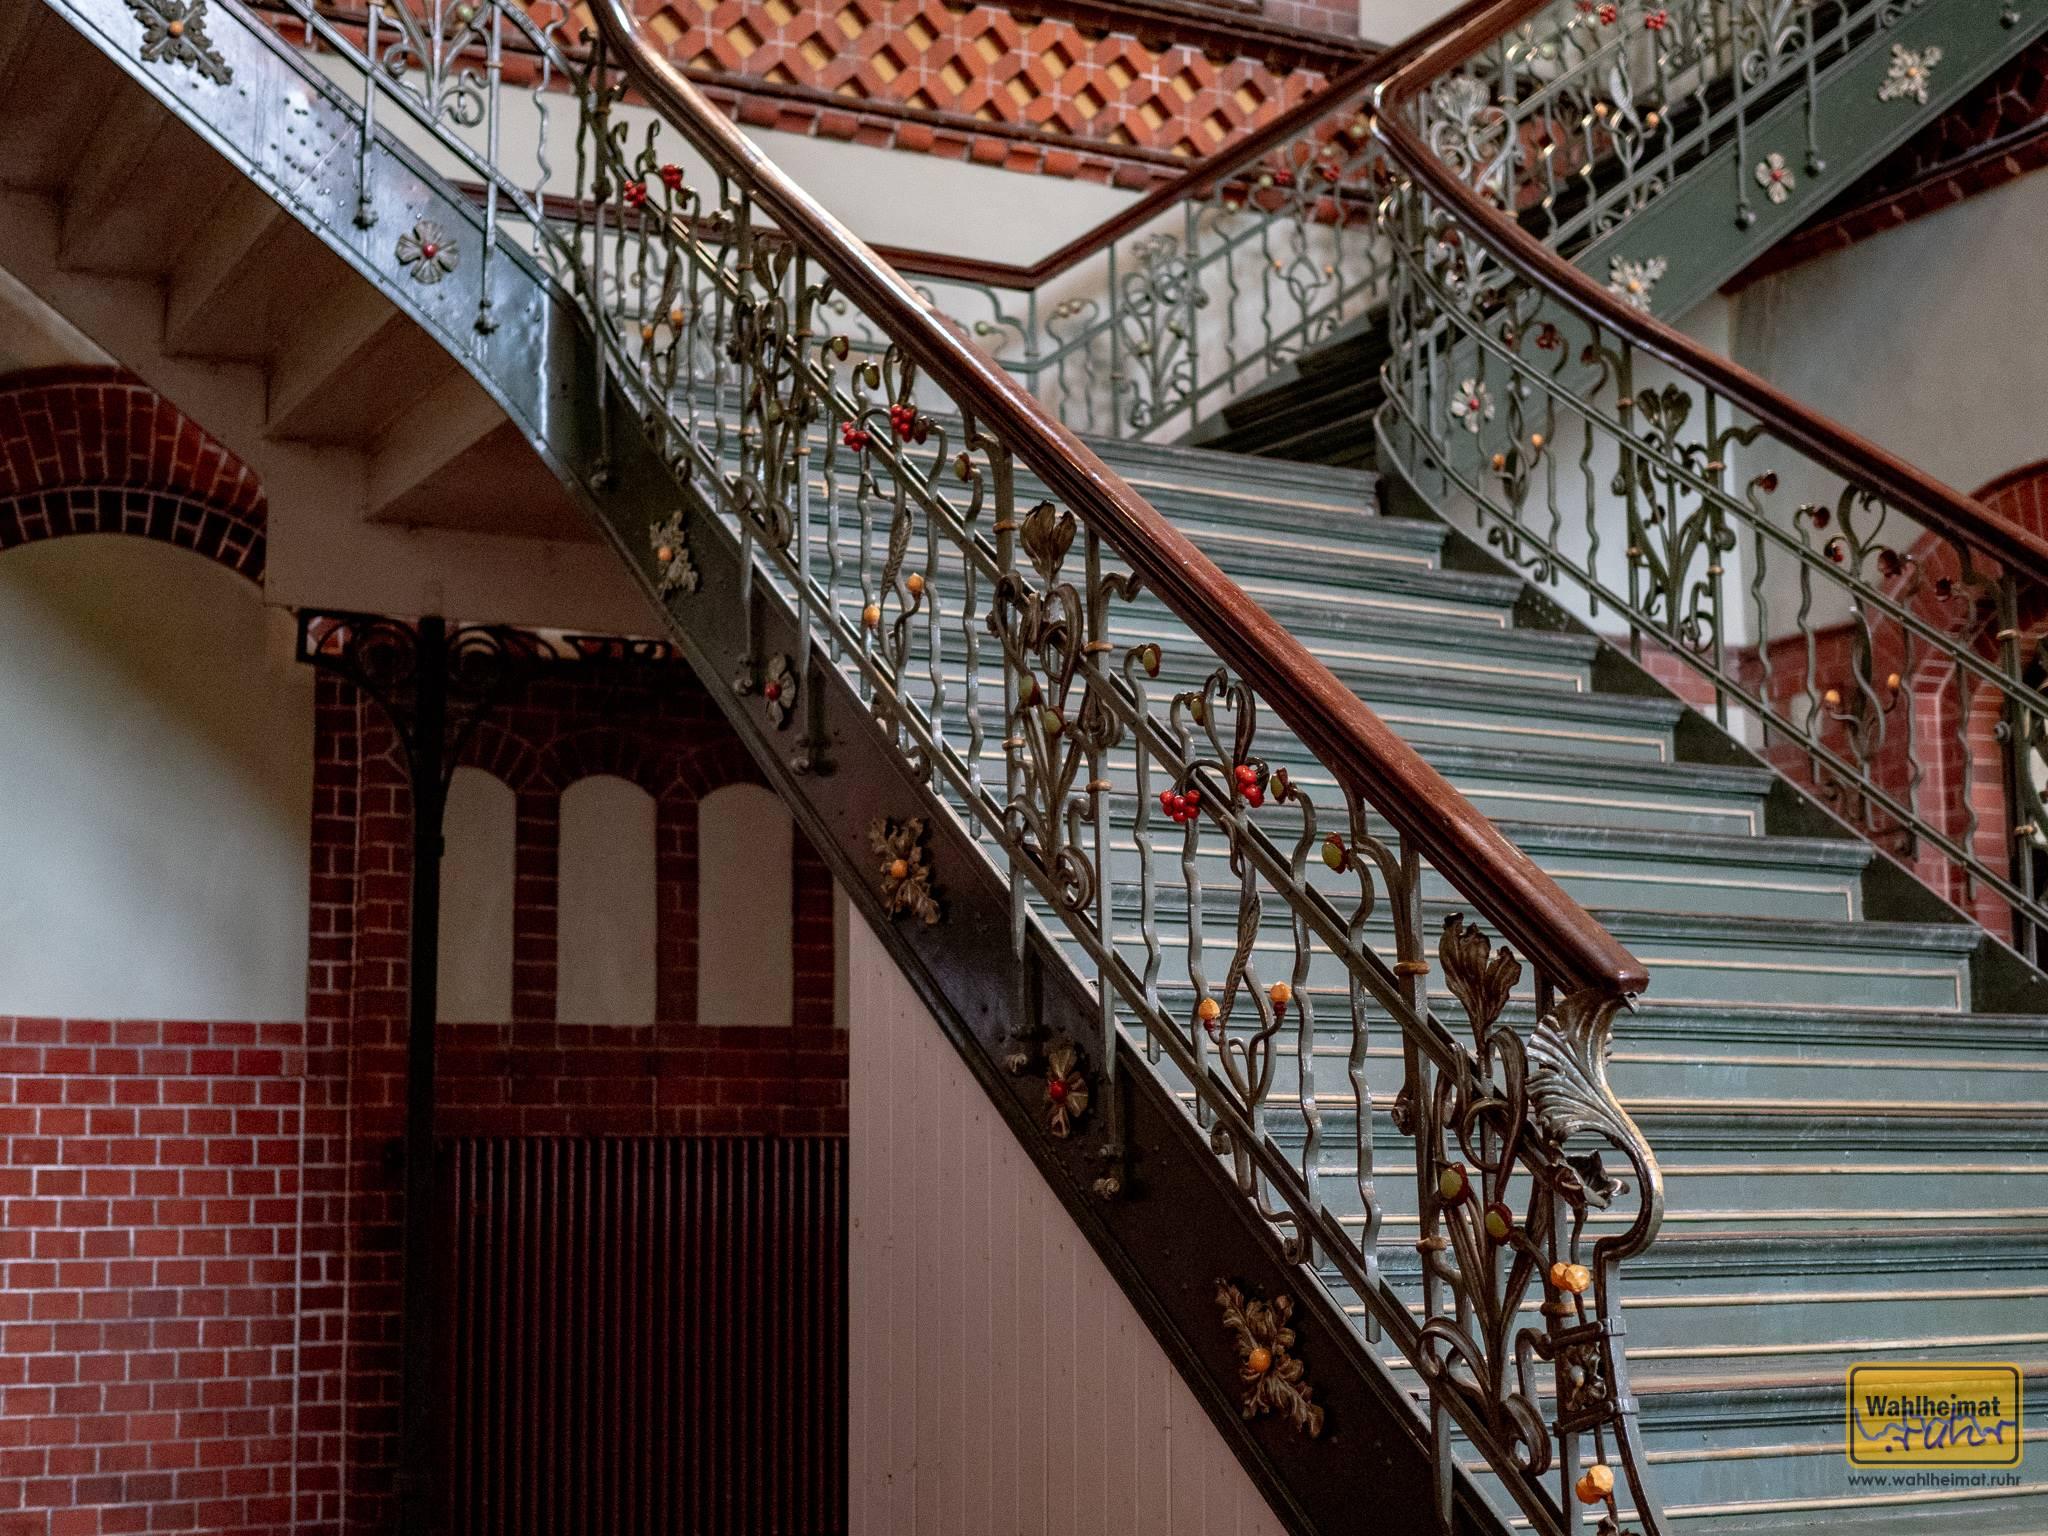 Diese Treppe ist ein wahres Schmuckstück, oder? Auch die Treppenstufen erzählen Geschichte, welche - das erfahrt Ihr auf der Führung.